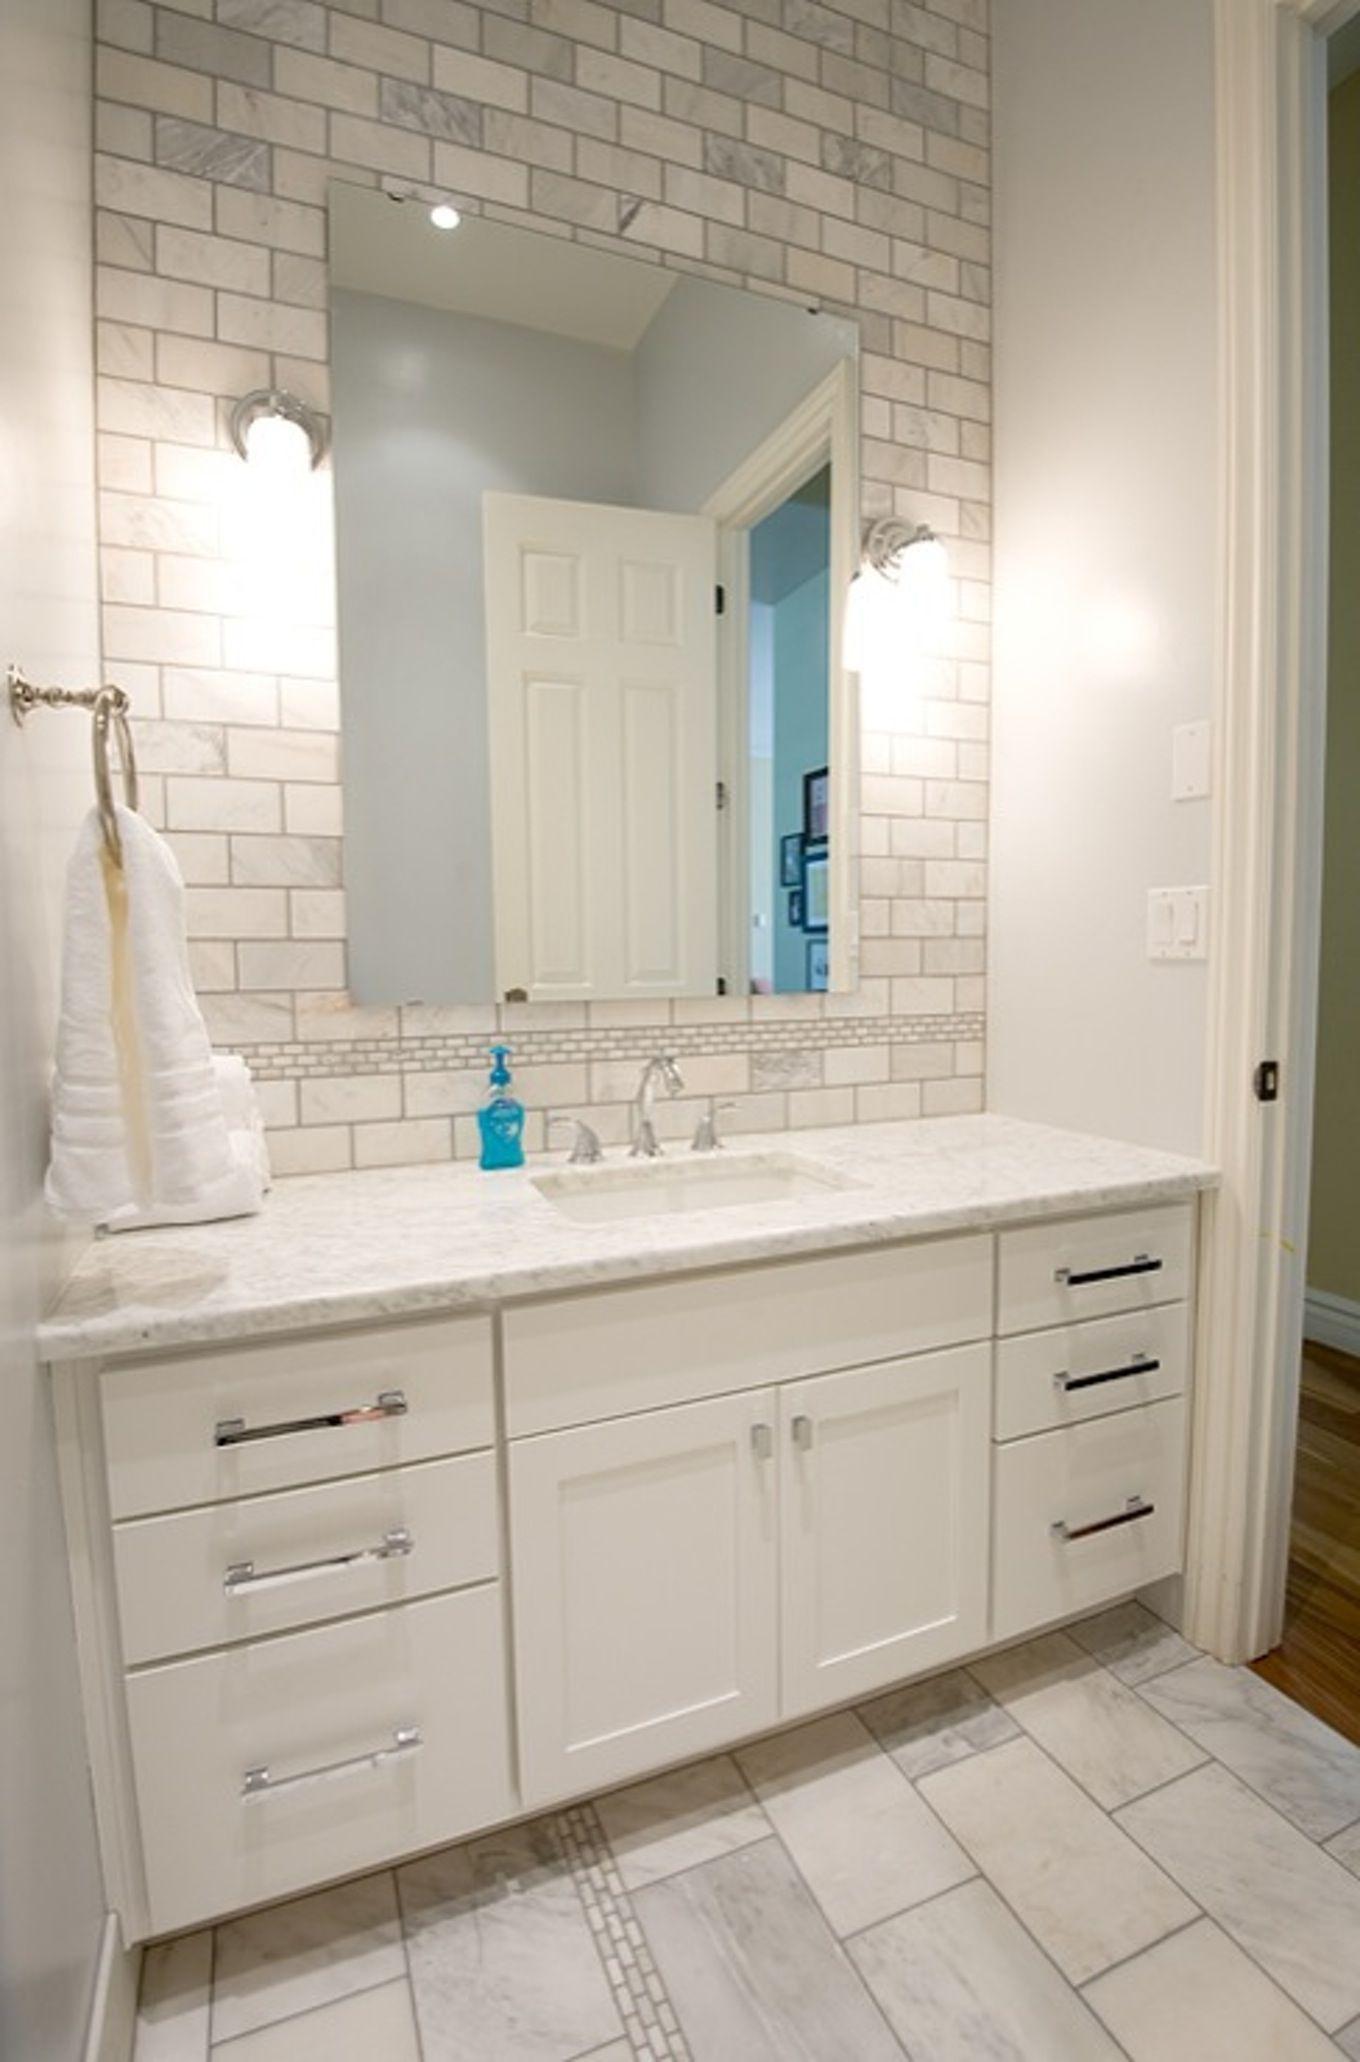 Best Photo Gallery For Website subway tile backsplash bathroom bathroom vanities miami remodel